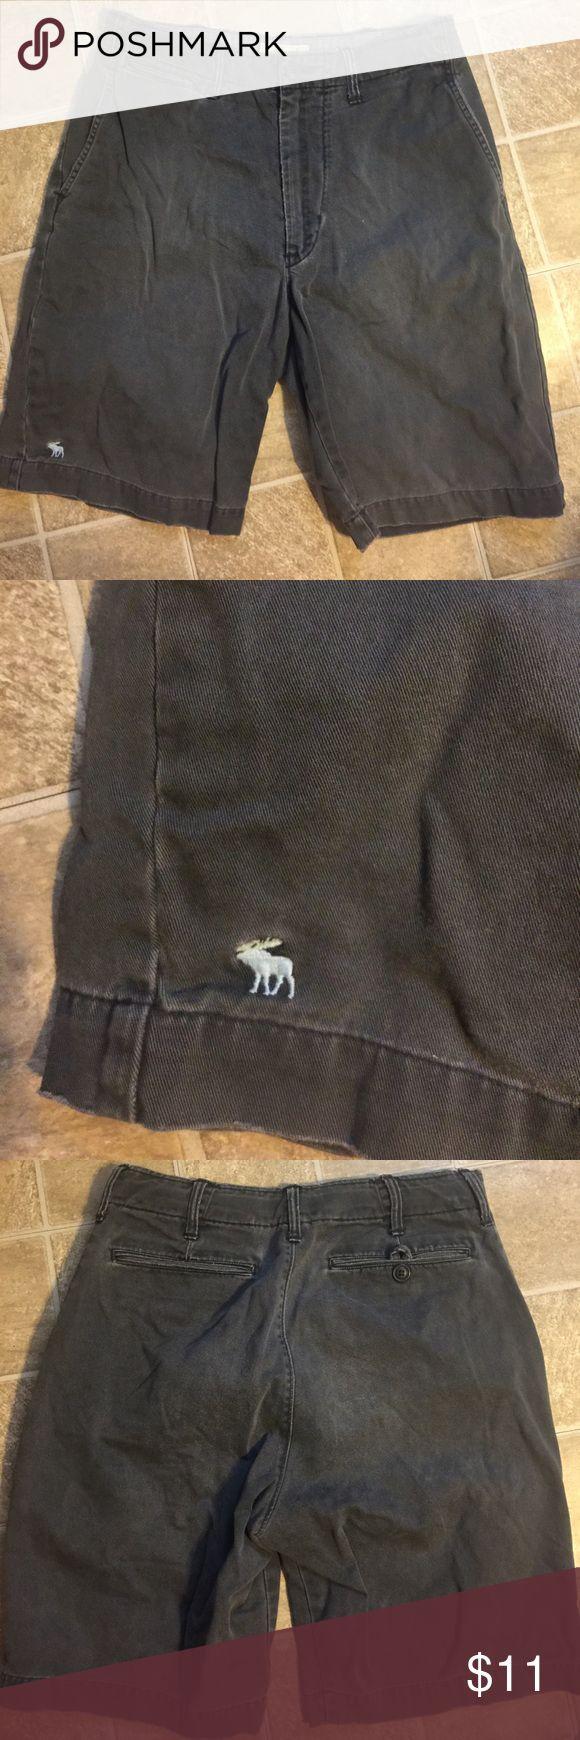 Abercrombie men's shorts. Sz 30 Abercrombie men's shorts. Sz 30 Abercrombie & Fitch Shorts